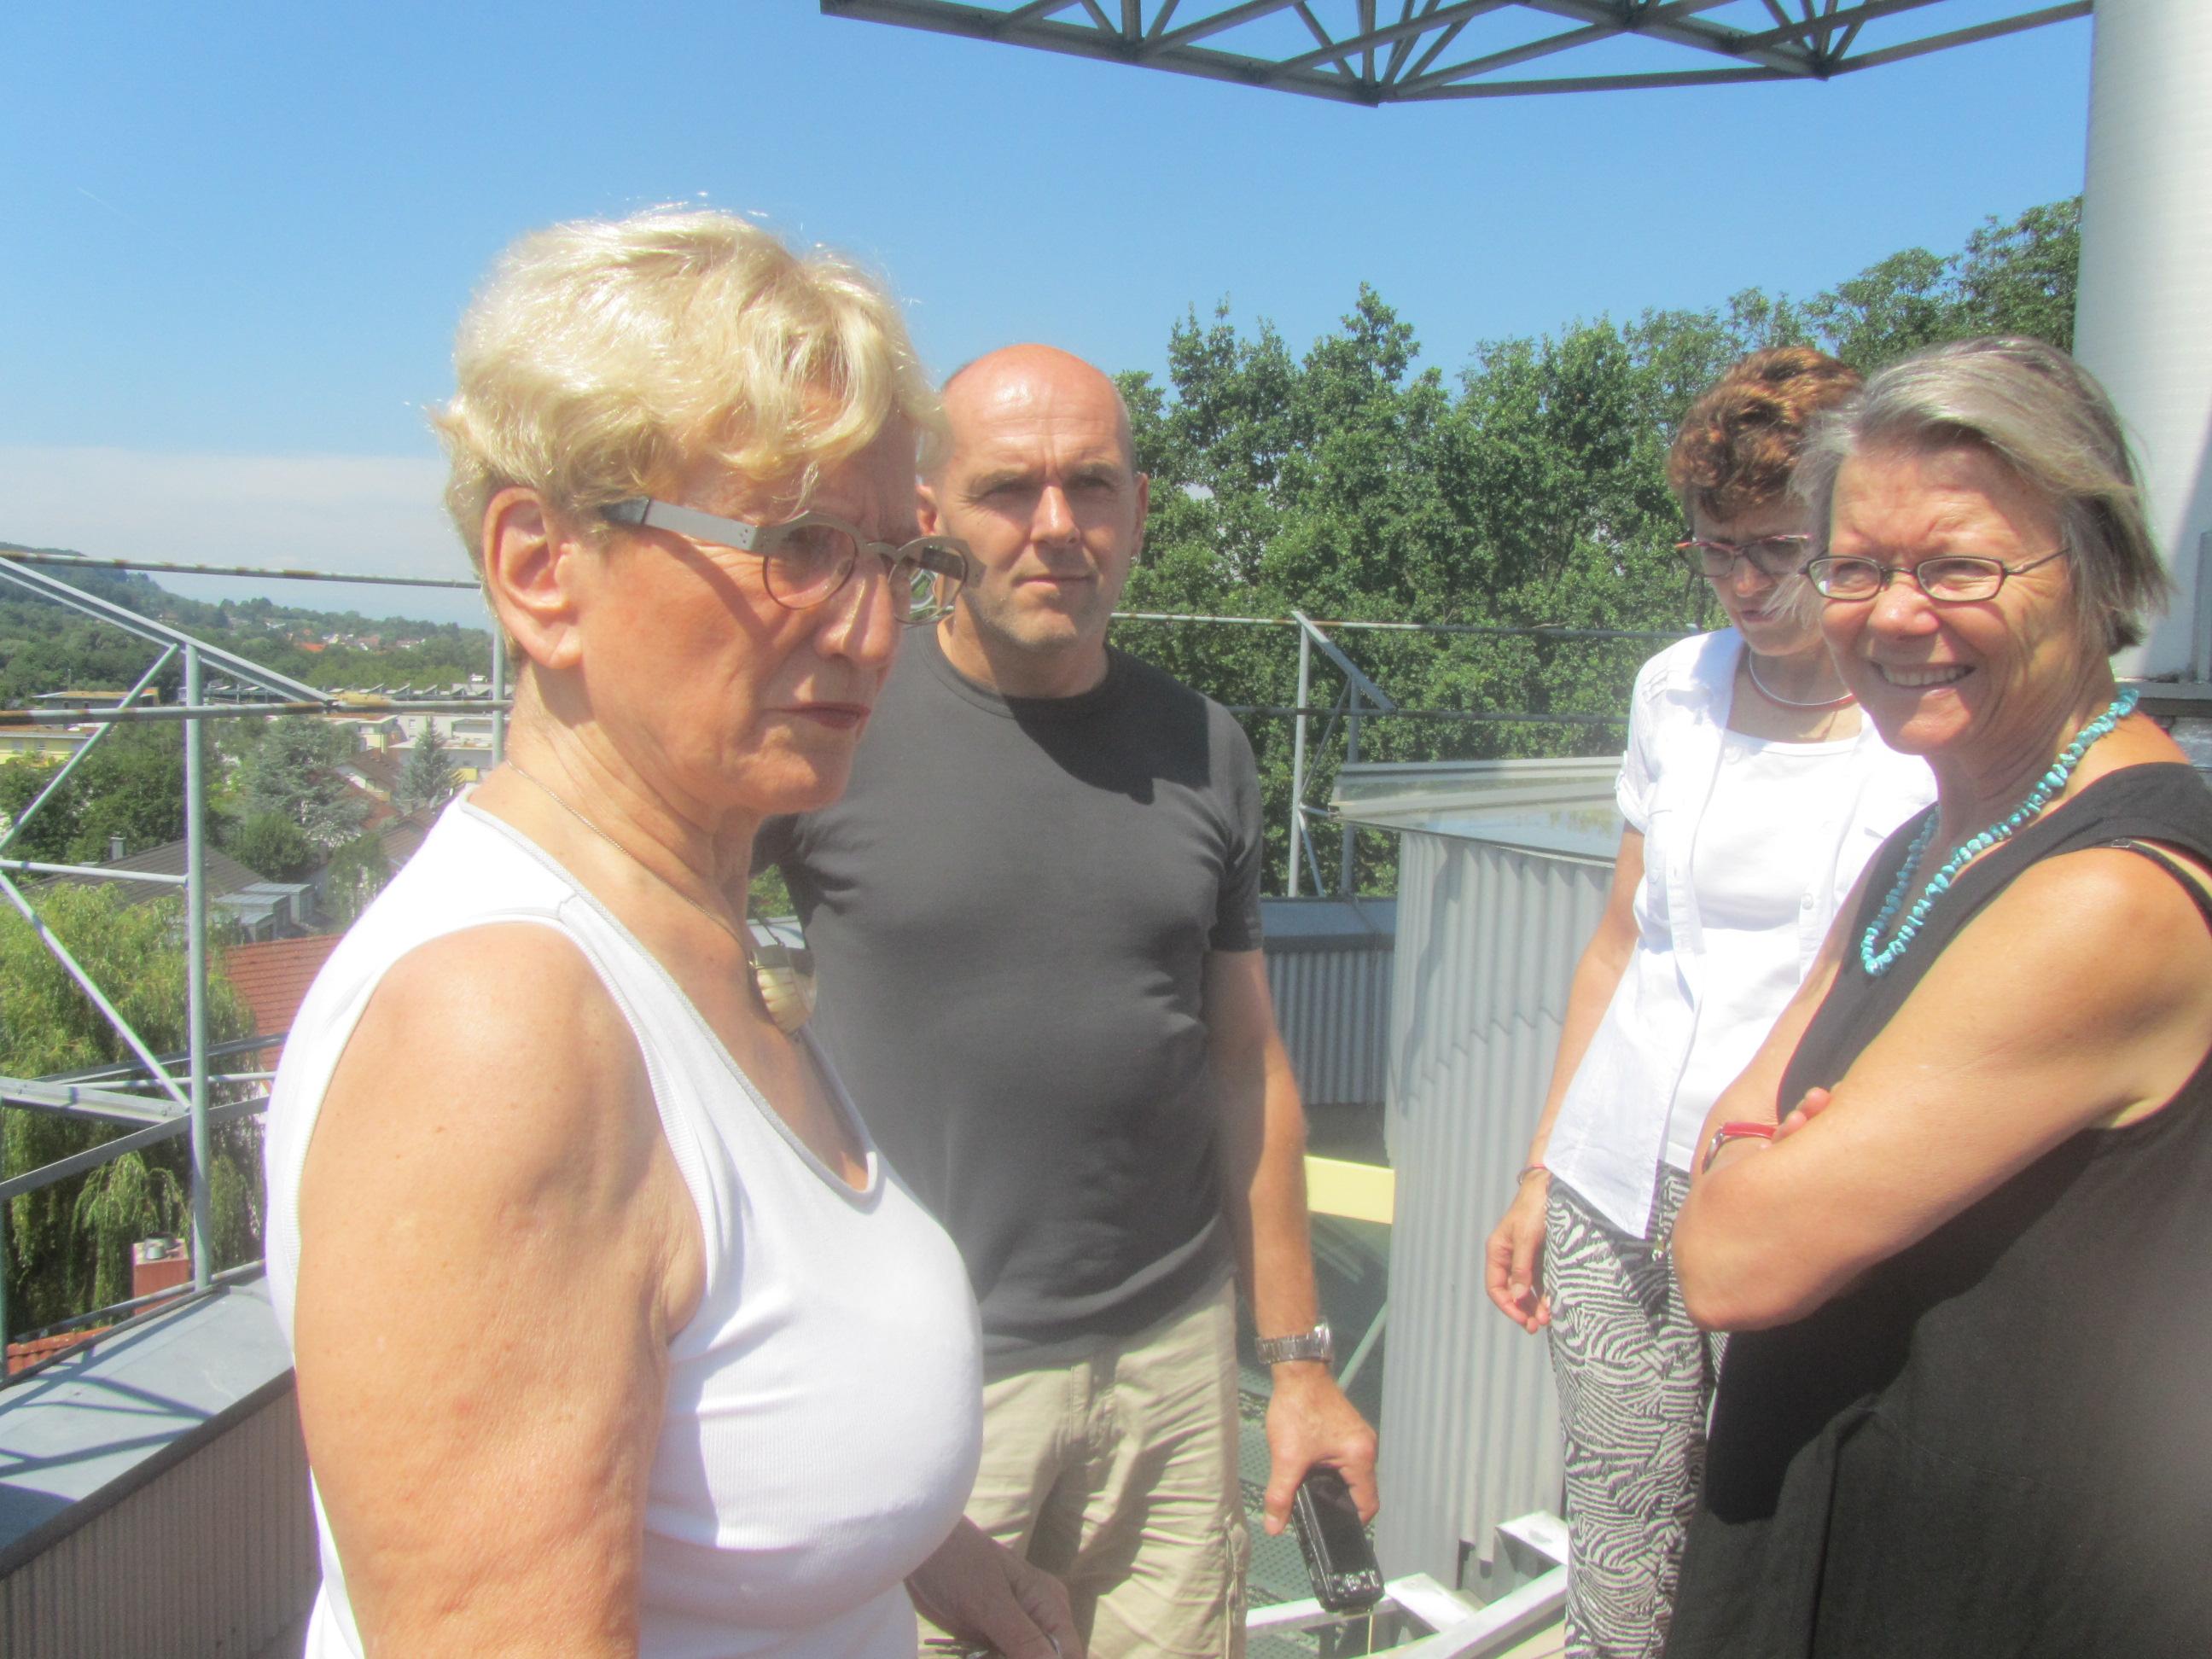 Führung im Heliotrop mit Frau Disch Lehmann - Partnerin des Architekten Rolf Disch und langjährige Bewohnerin